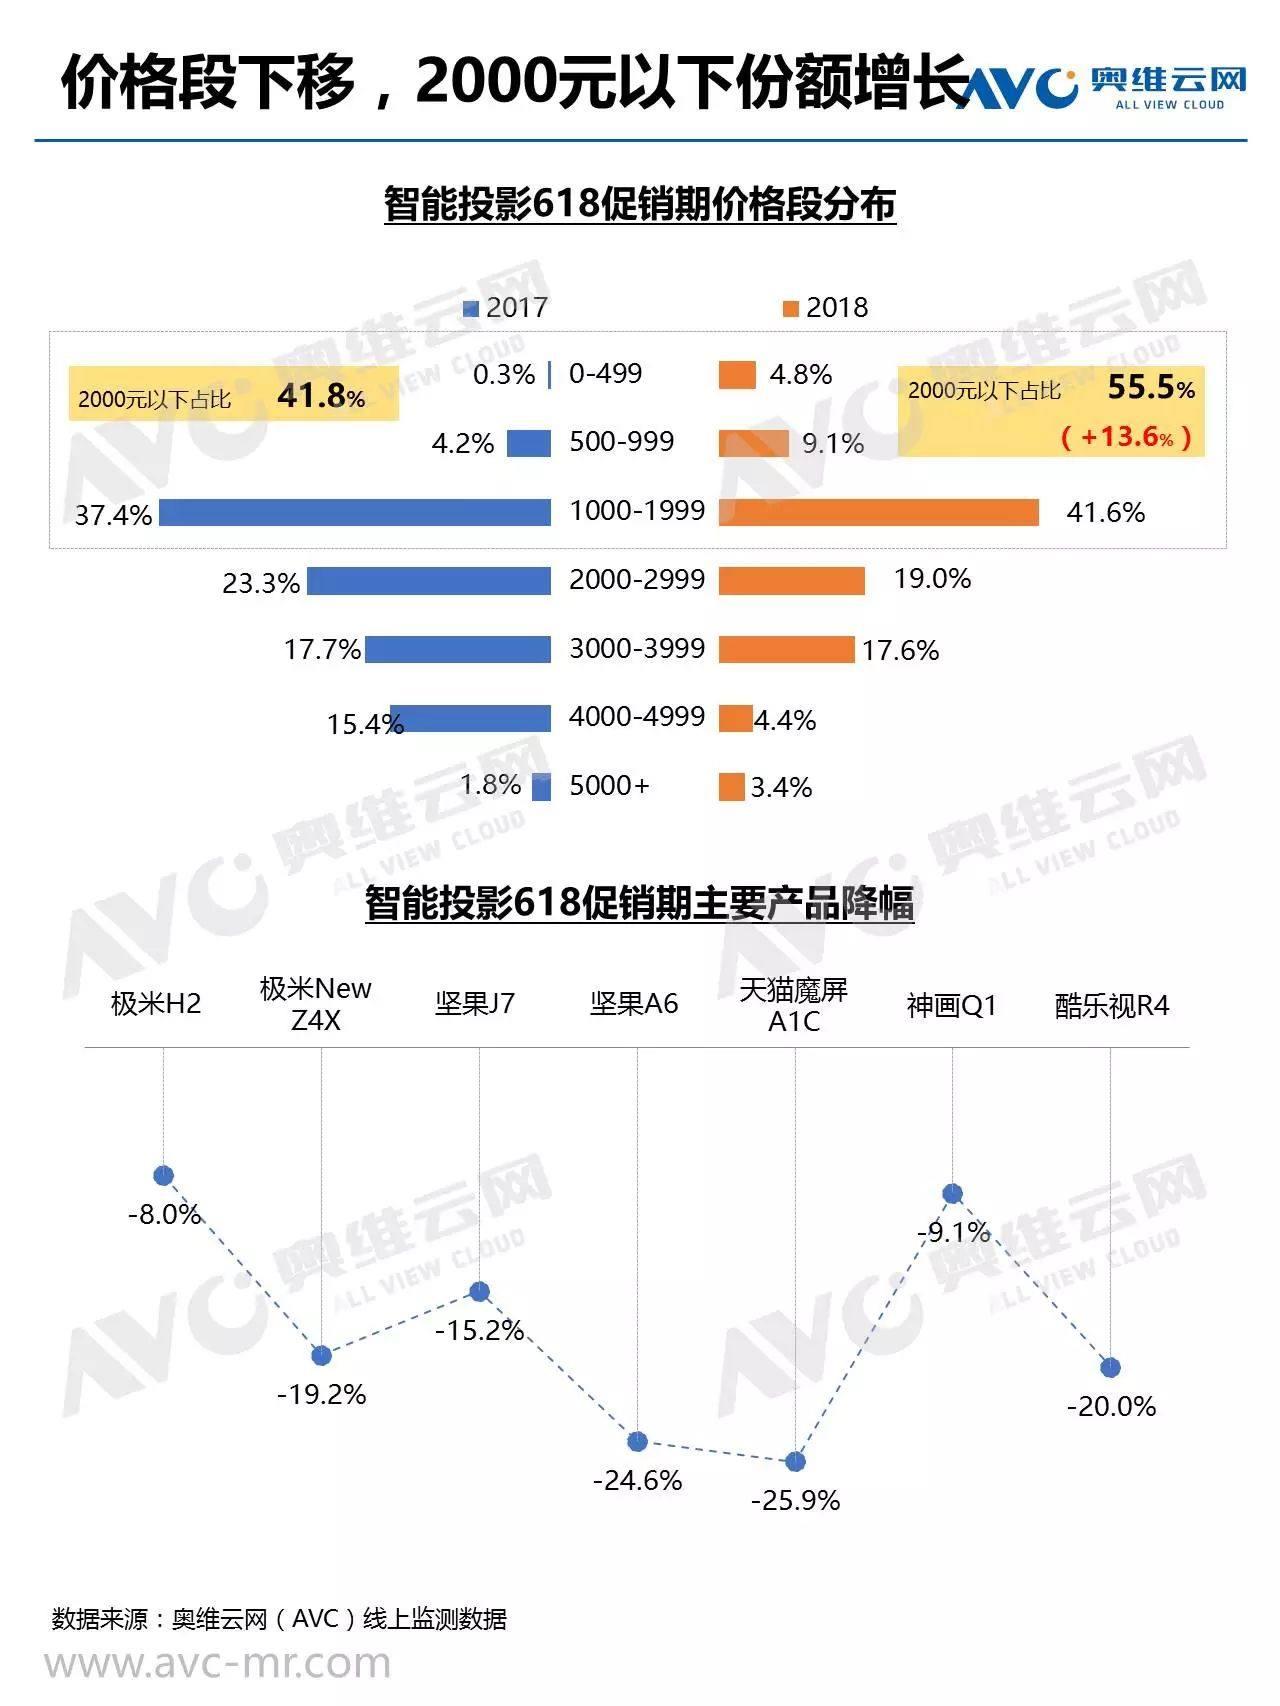 中国智能影音市场618报告:智能投屏/OTT盒子